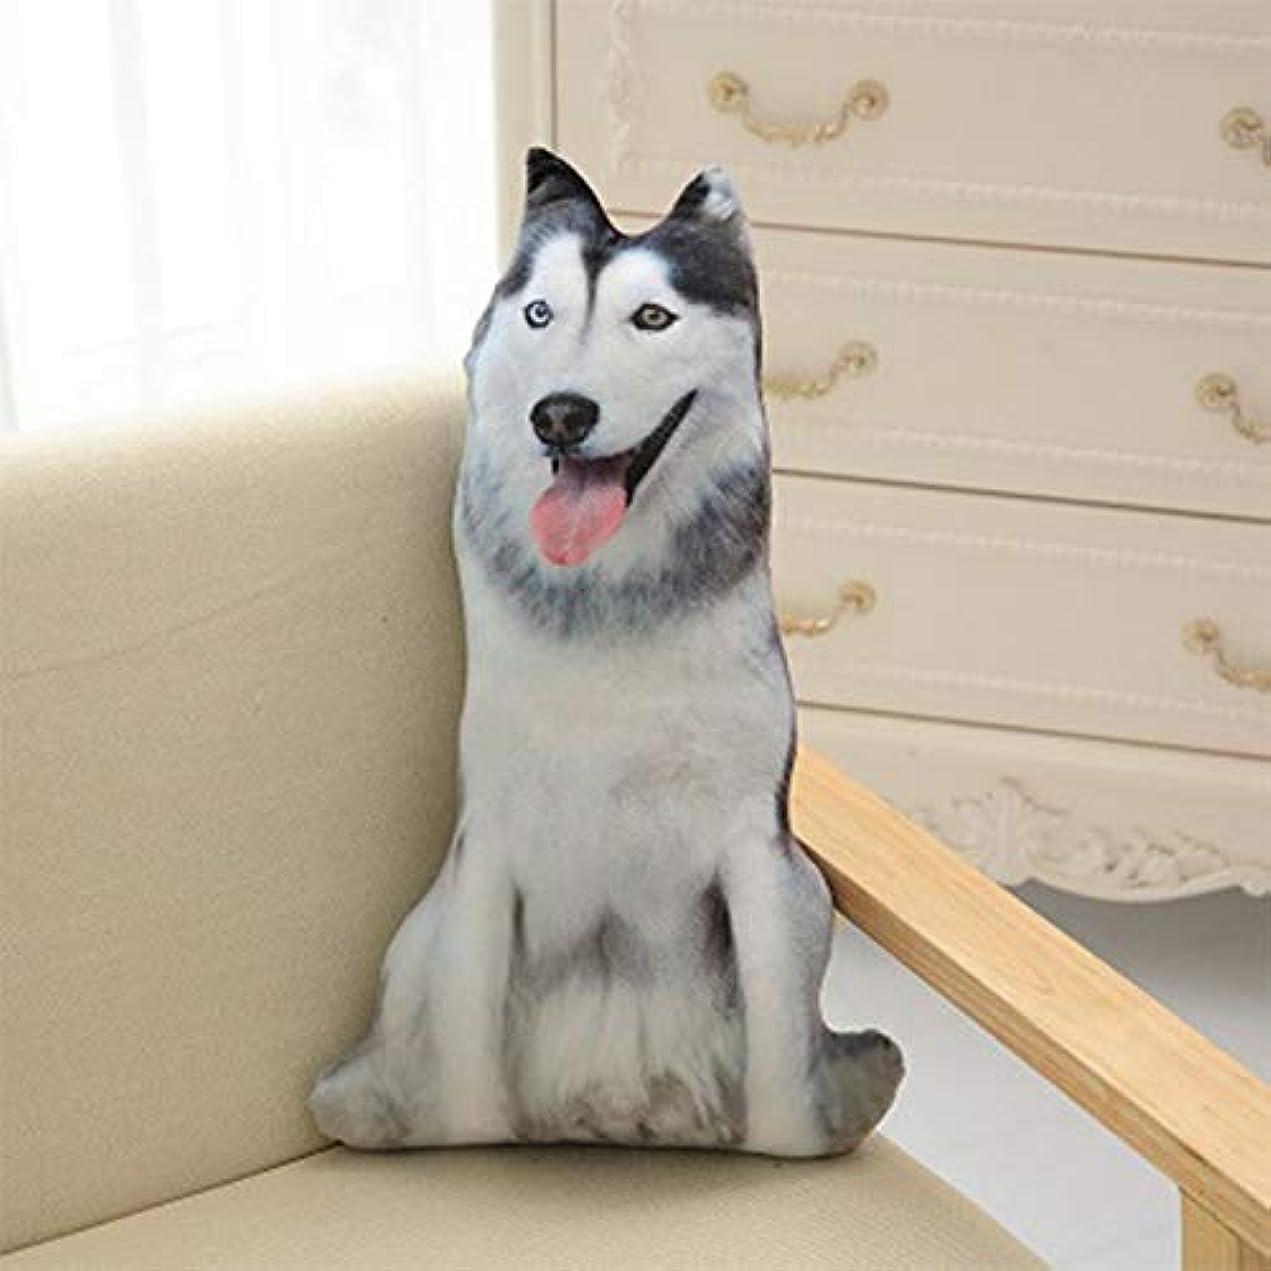 リマーク講堂オーストラリアLIFE 3D プリントシミュレーション犬ぬいぐるみクッションぬいぐるみ犬ぬいぐるみ枕ぬいぐるみの漫画クッションキッズ人形ベストギフト クッション 椅子